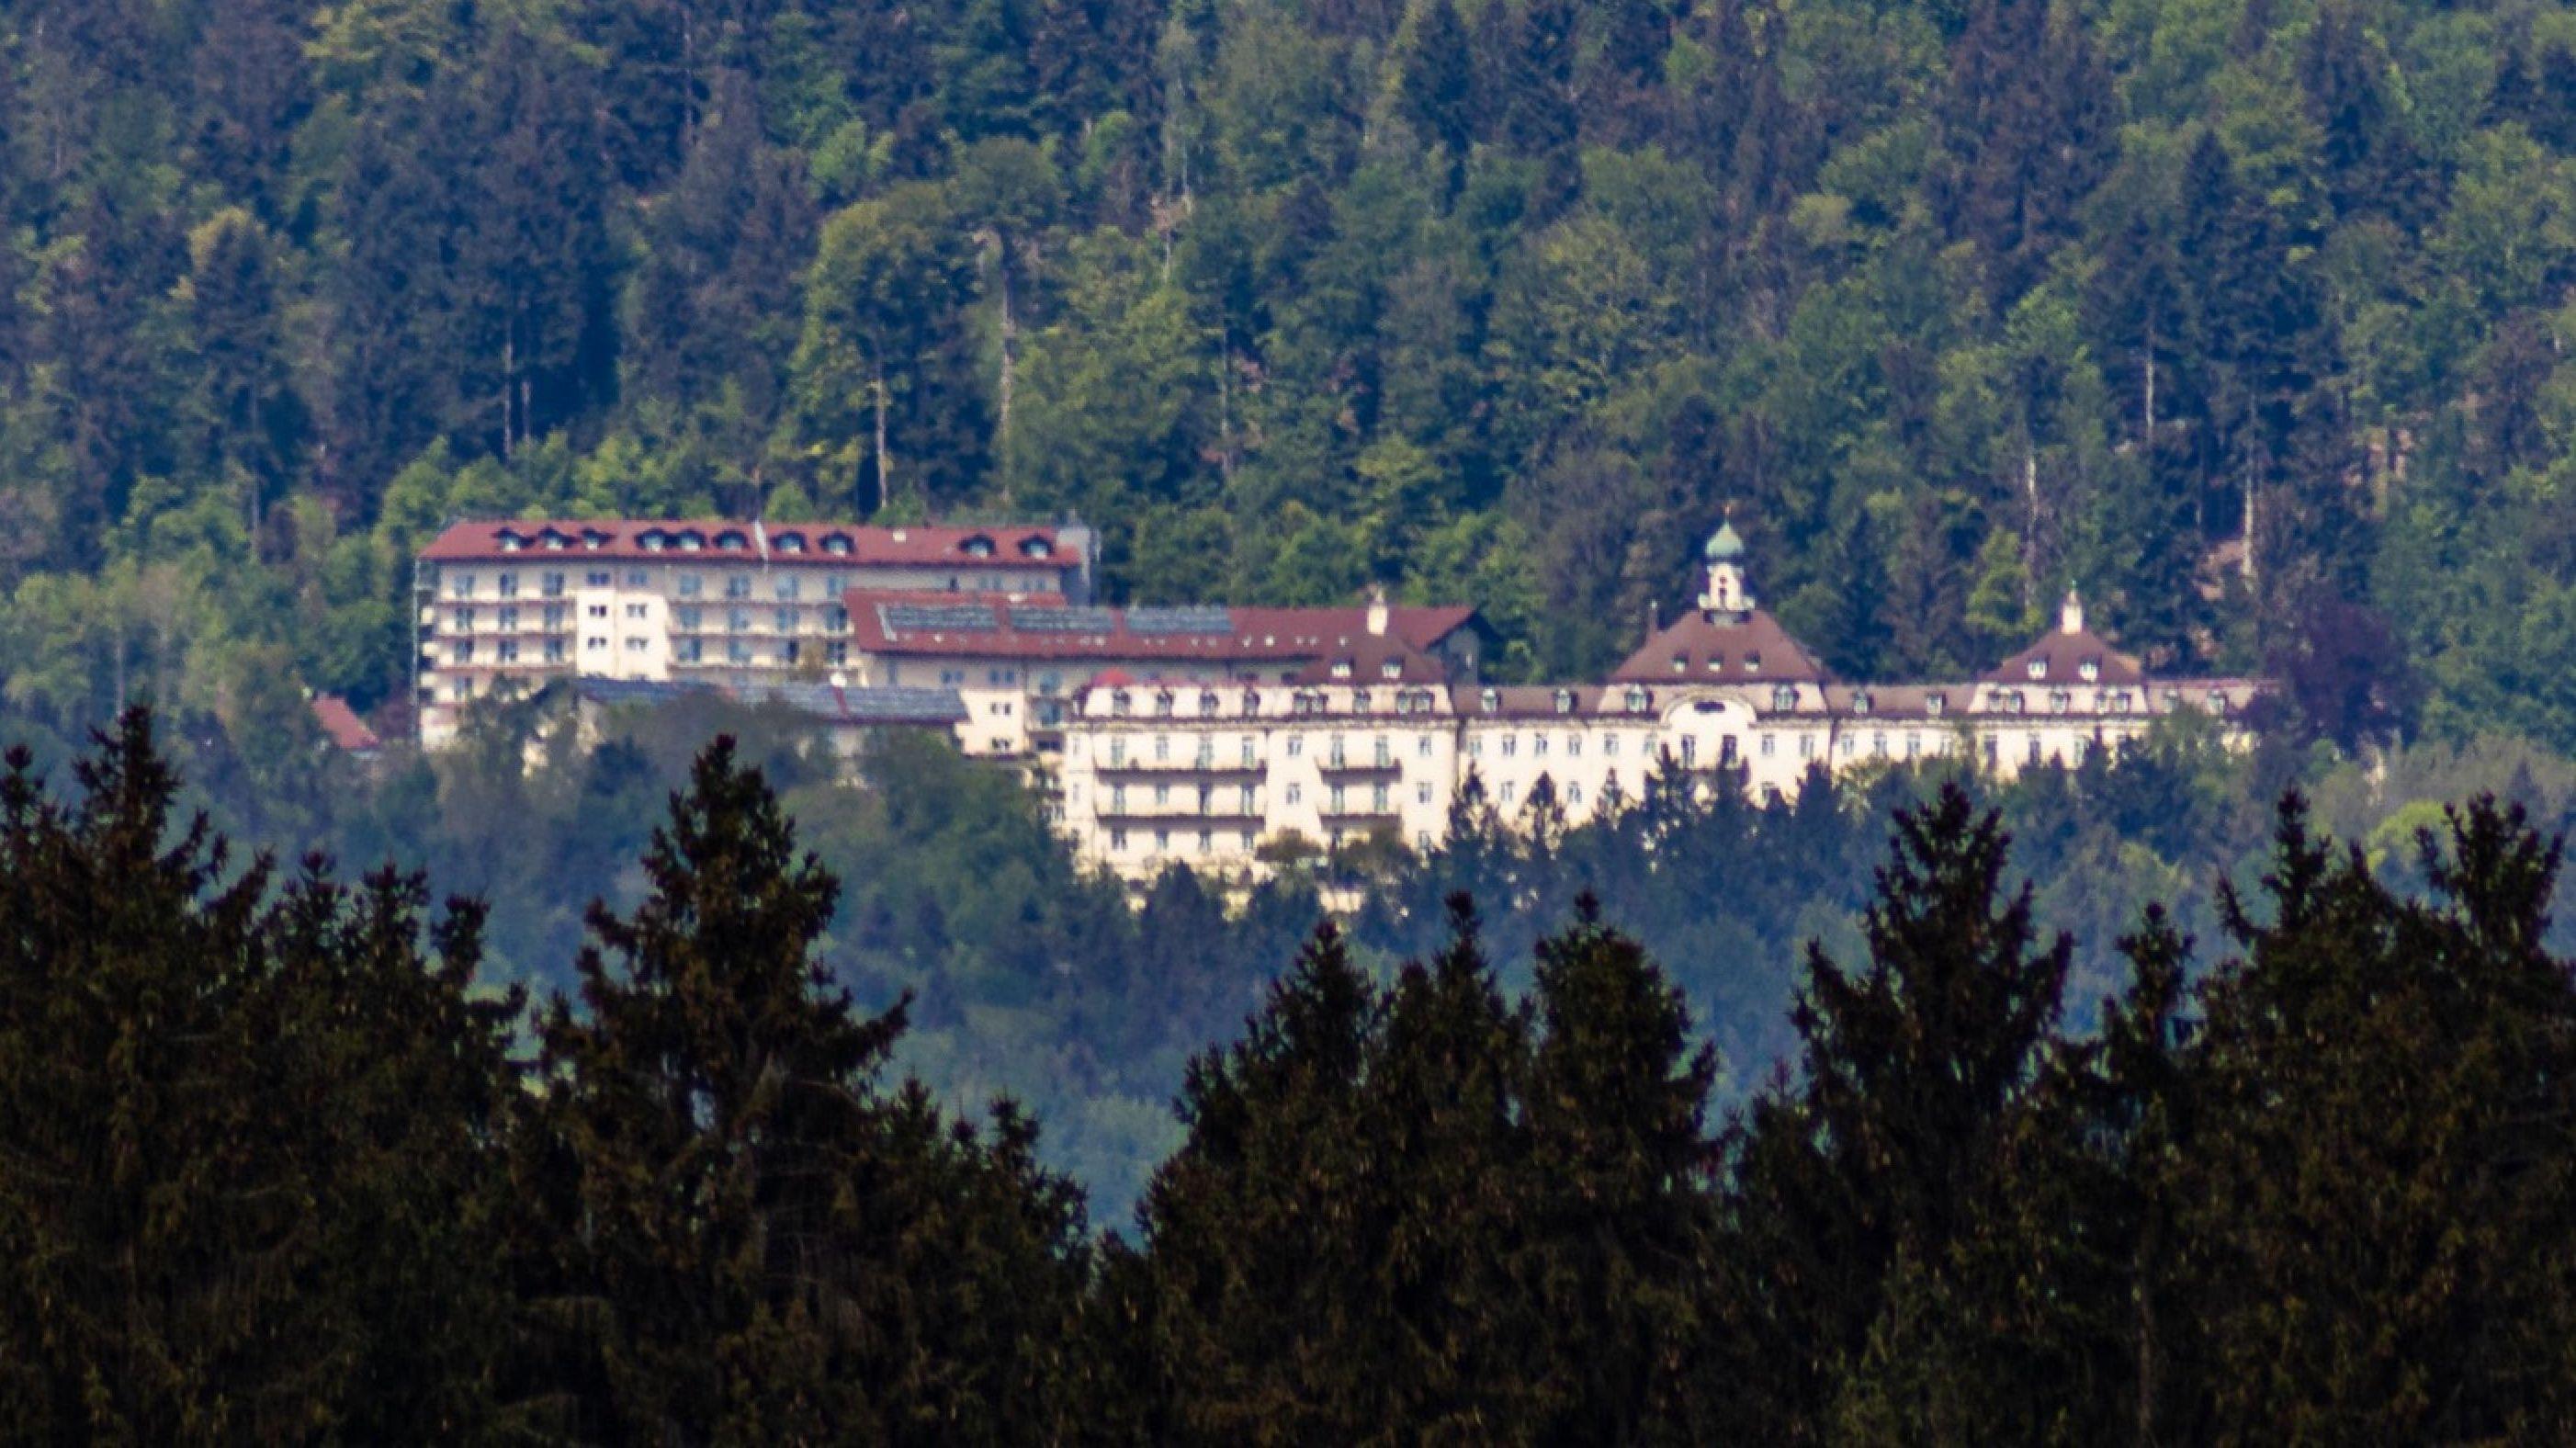 Die Reha-Klinik in Schaufling liegt am Hausstein nahe der Rusel.